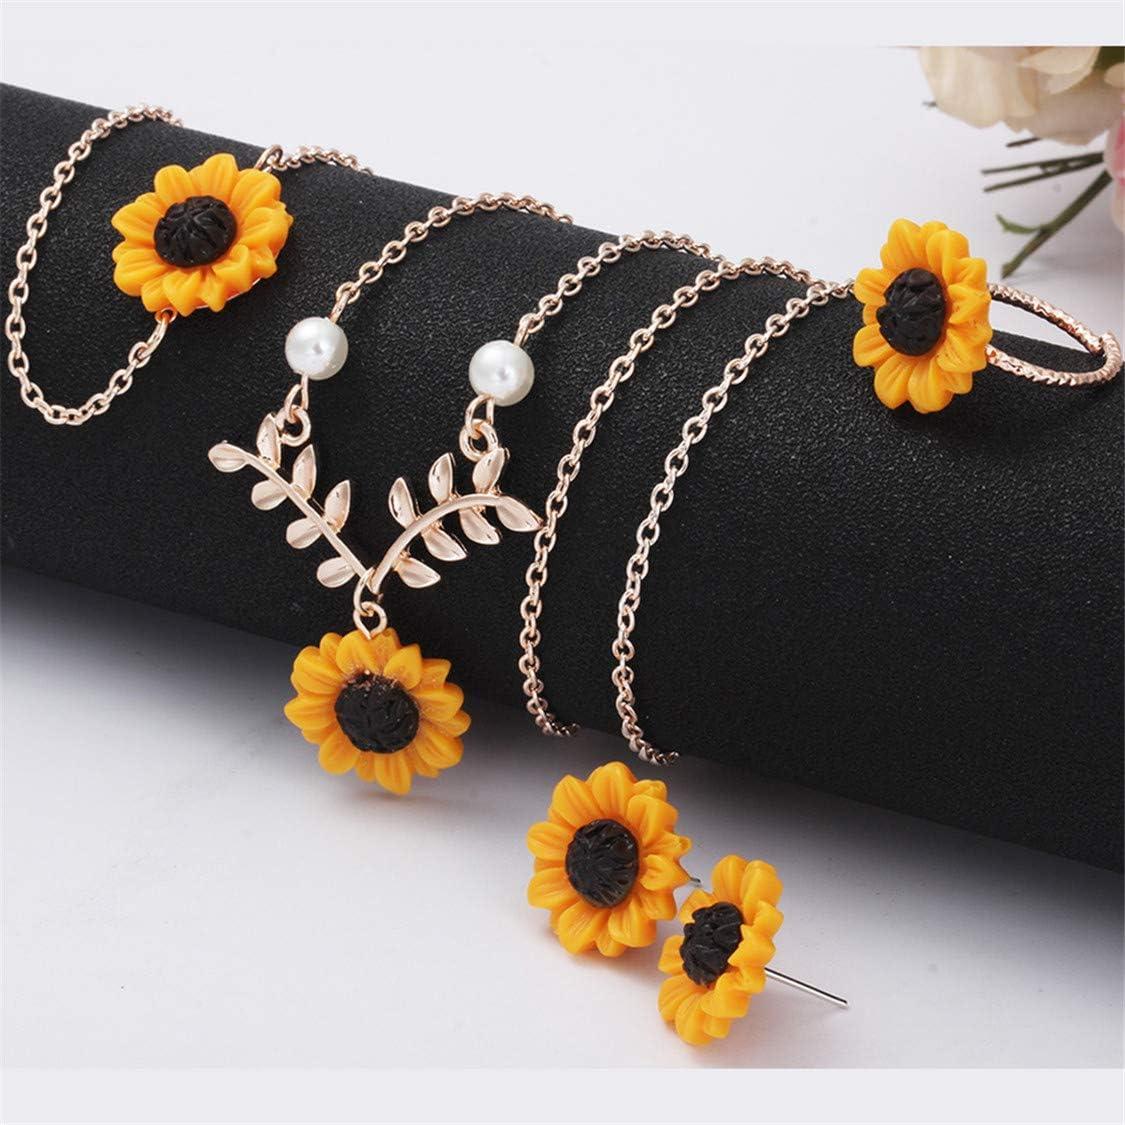 Idiytip 4Pcs Sunflower Necklace Sun Flower Earrings Ring Bracelet Gift Jewellery Set for Women Girls,Rose Gold